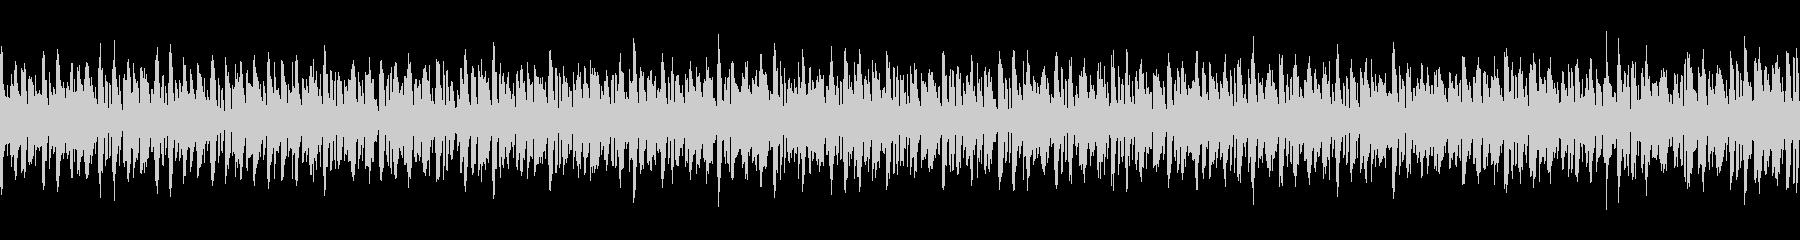 デジタルコンテンツ系BGM(ループ仕様)の未再生の波形